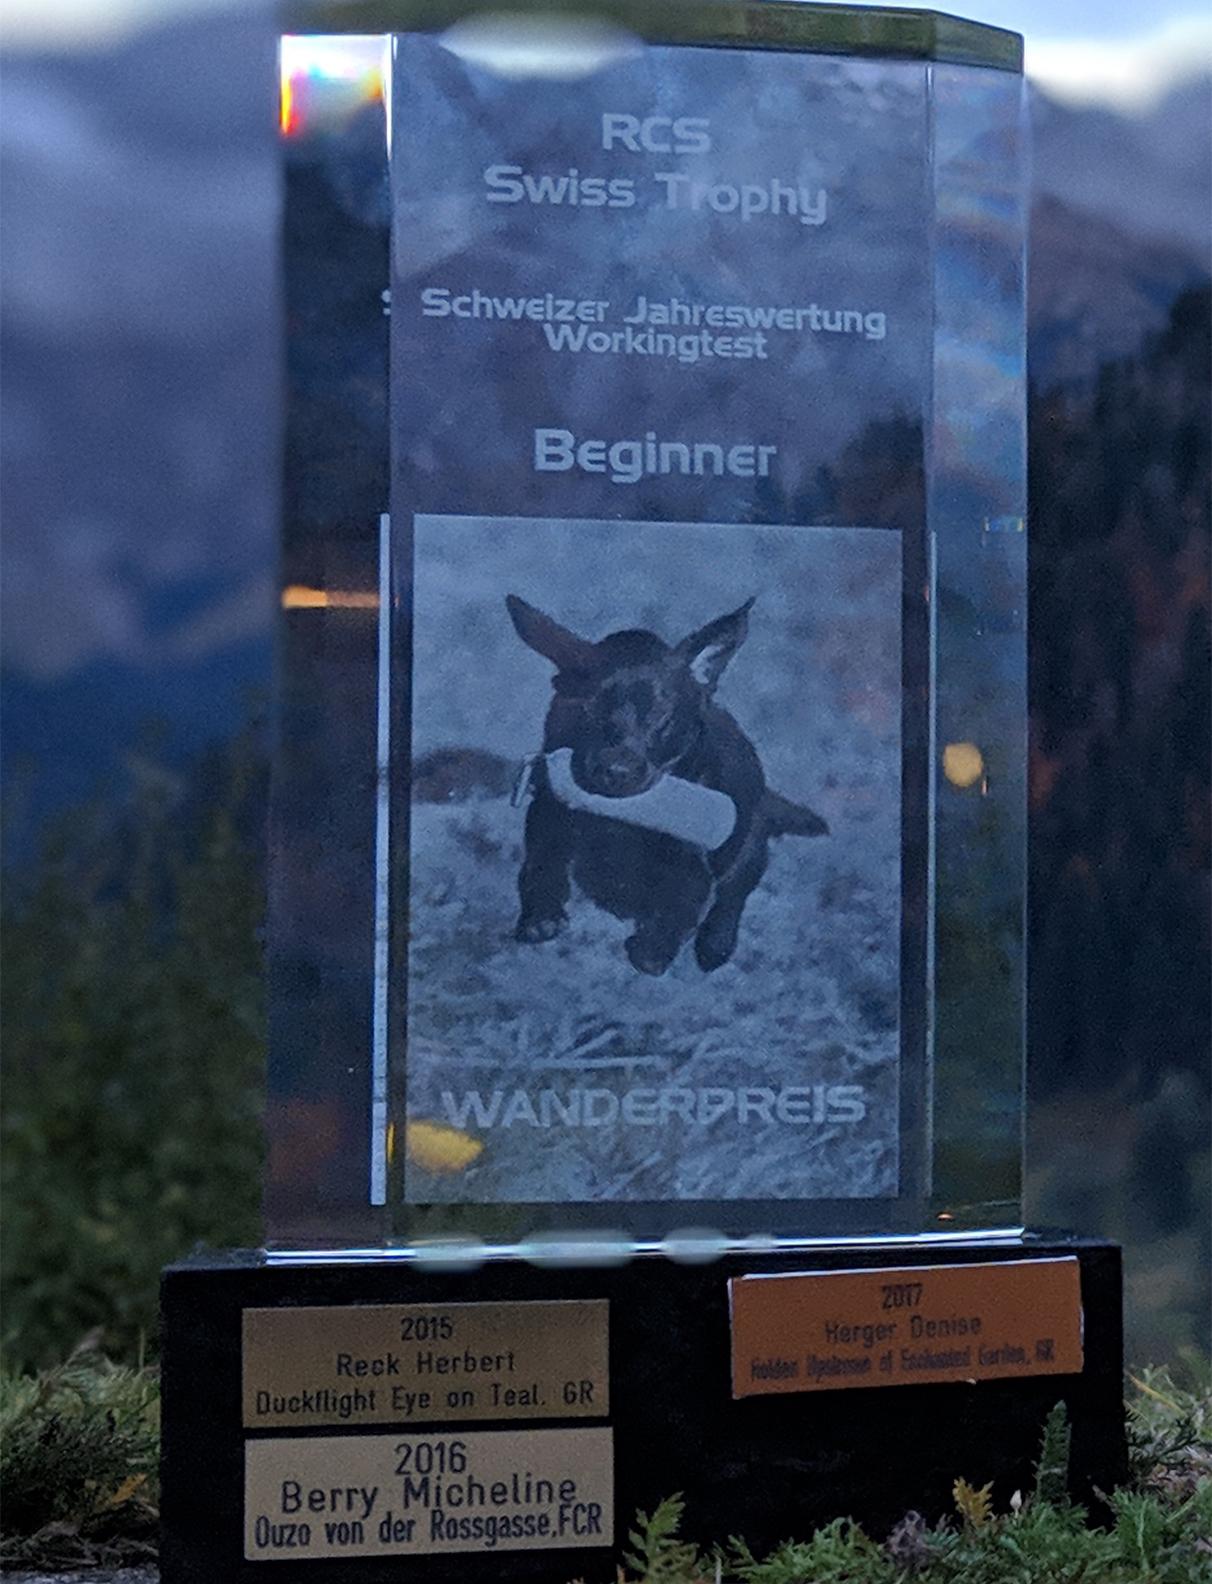 swiss-trophy.jpg